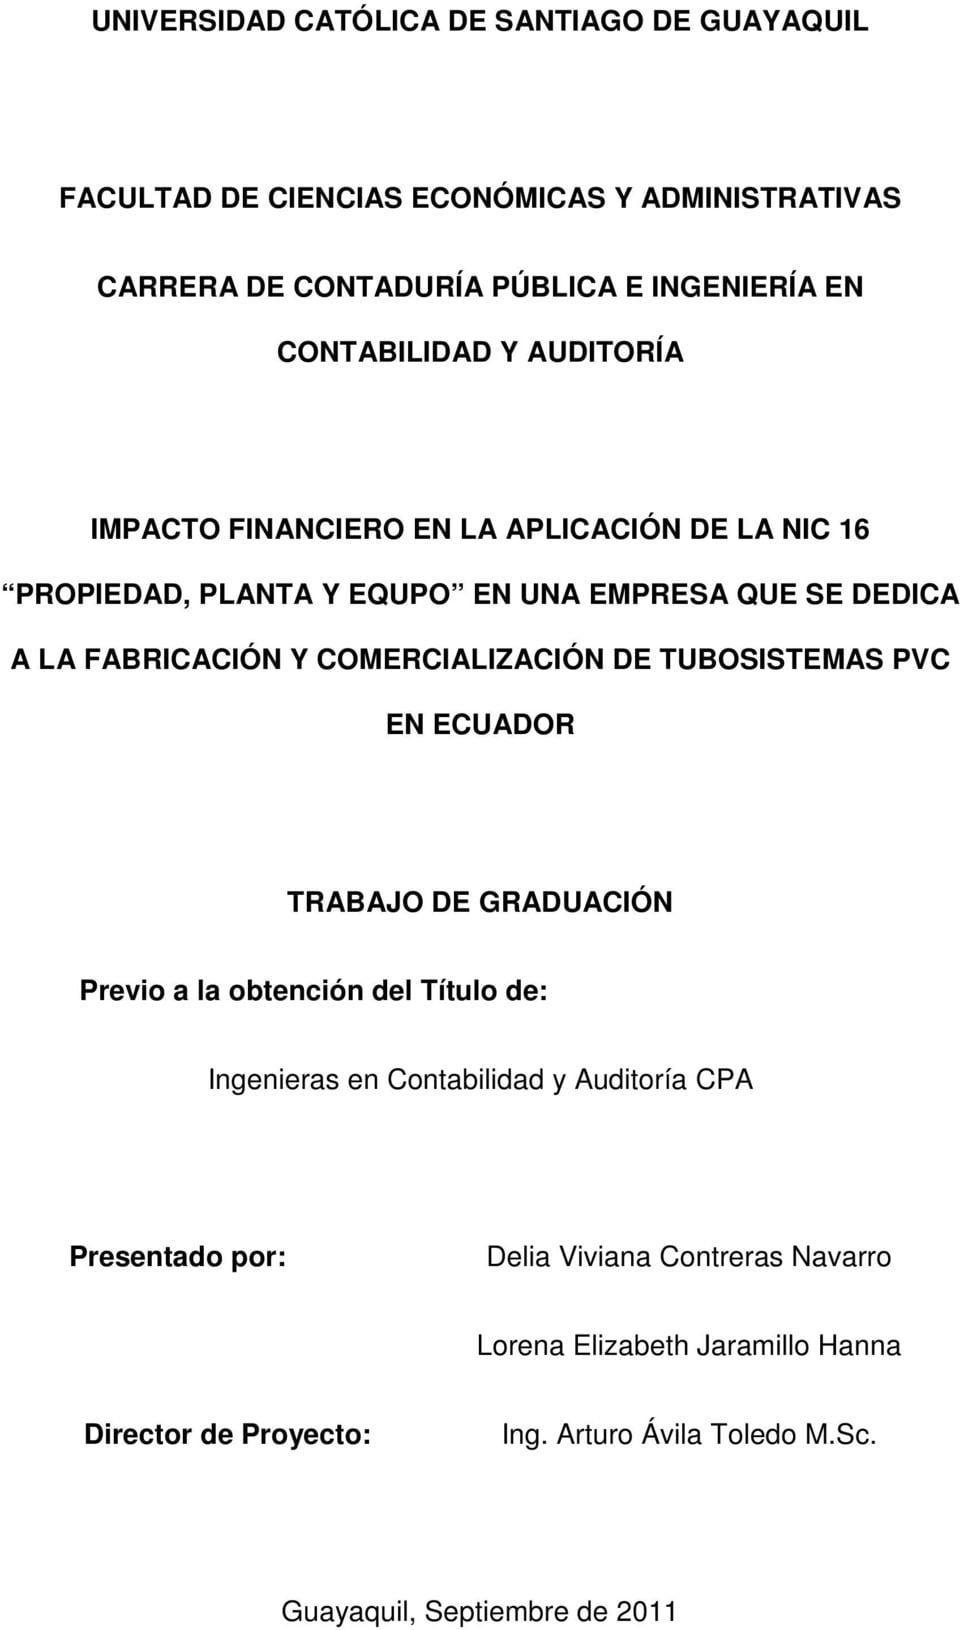 12 más borradores de trabajo de reconocimiento de ingresos emitidos por la AICPA